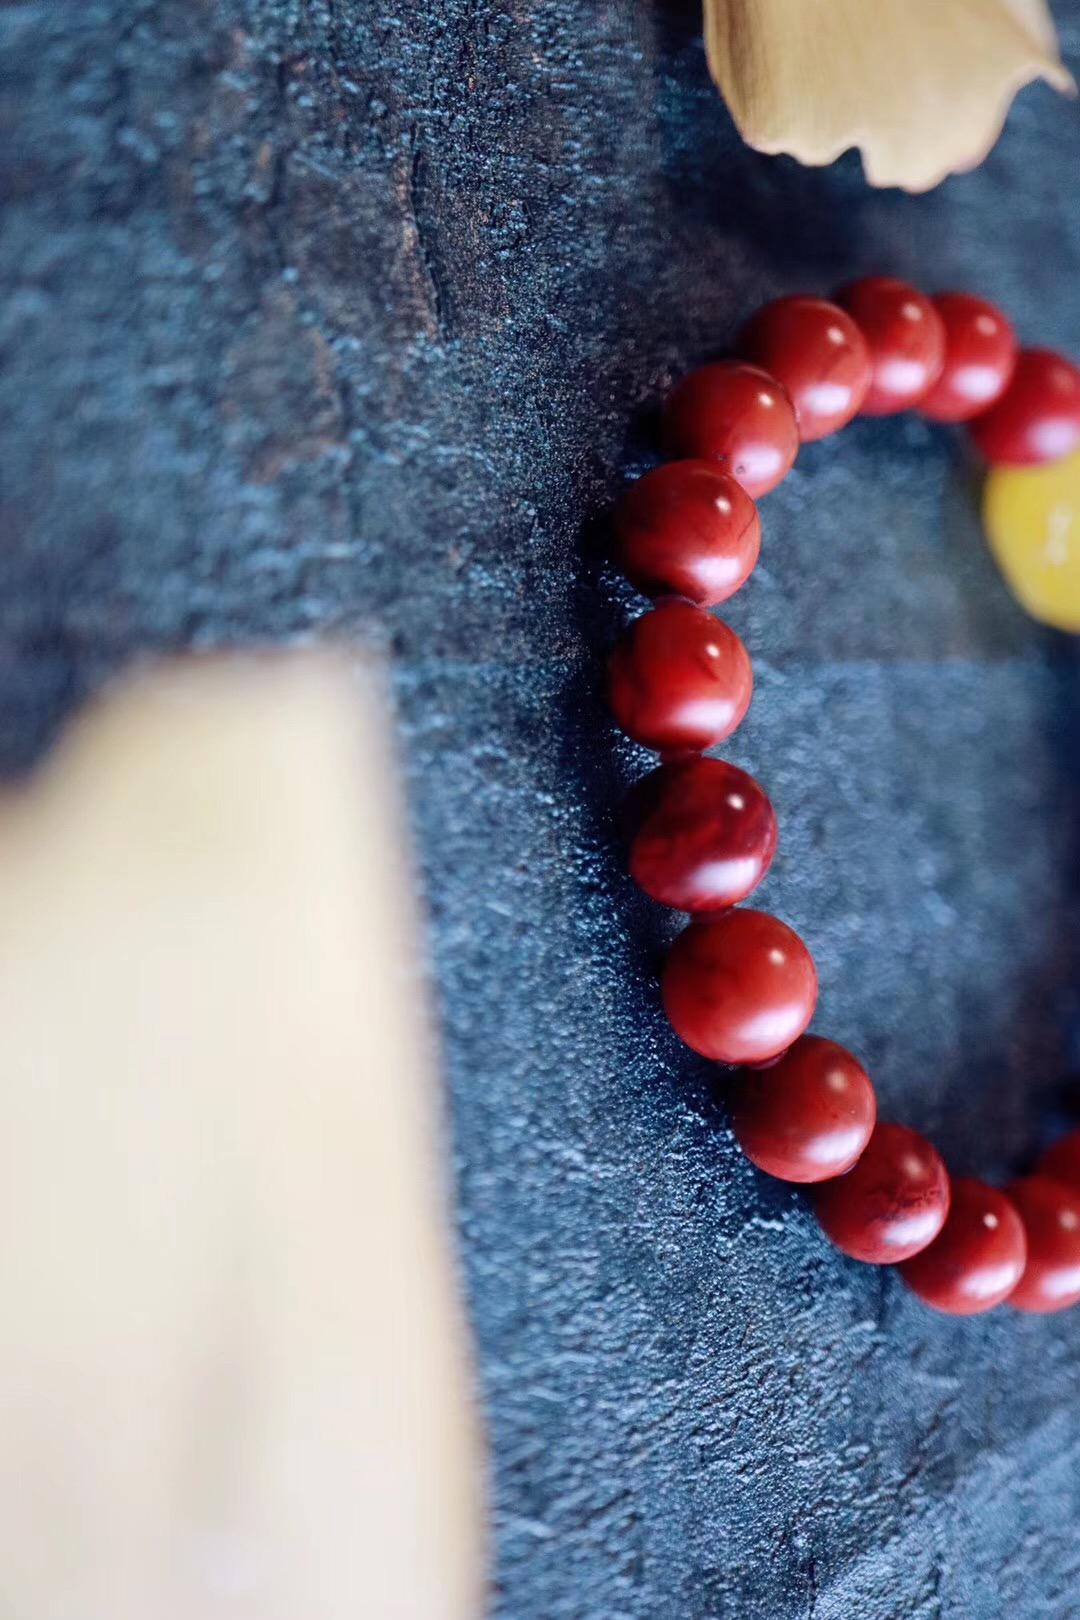 【菩心包浆南红 | 蜜蜡福猪】把玩包浆南红自是风趣无穷-菩心晶舍